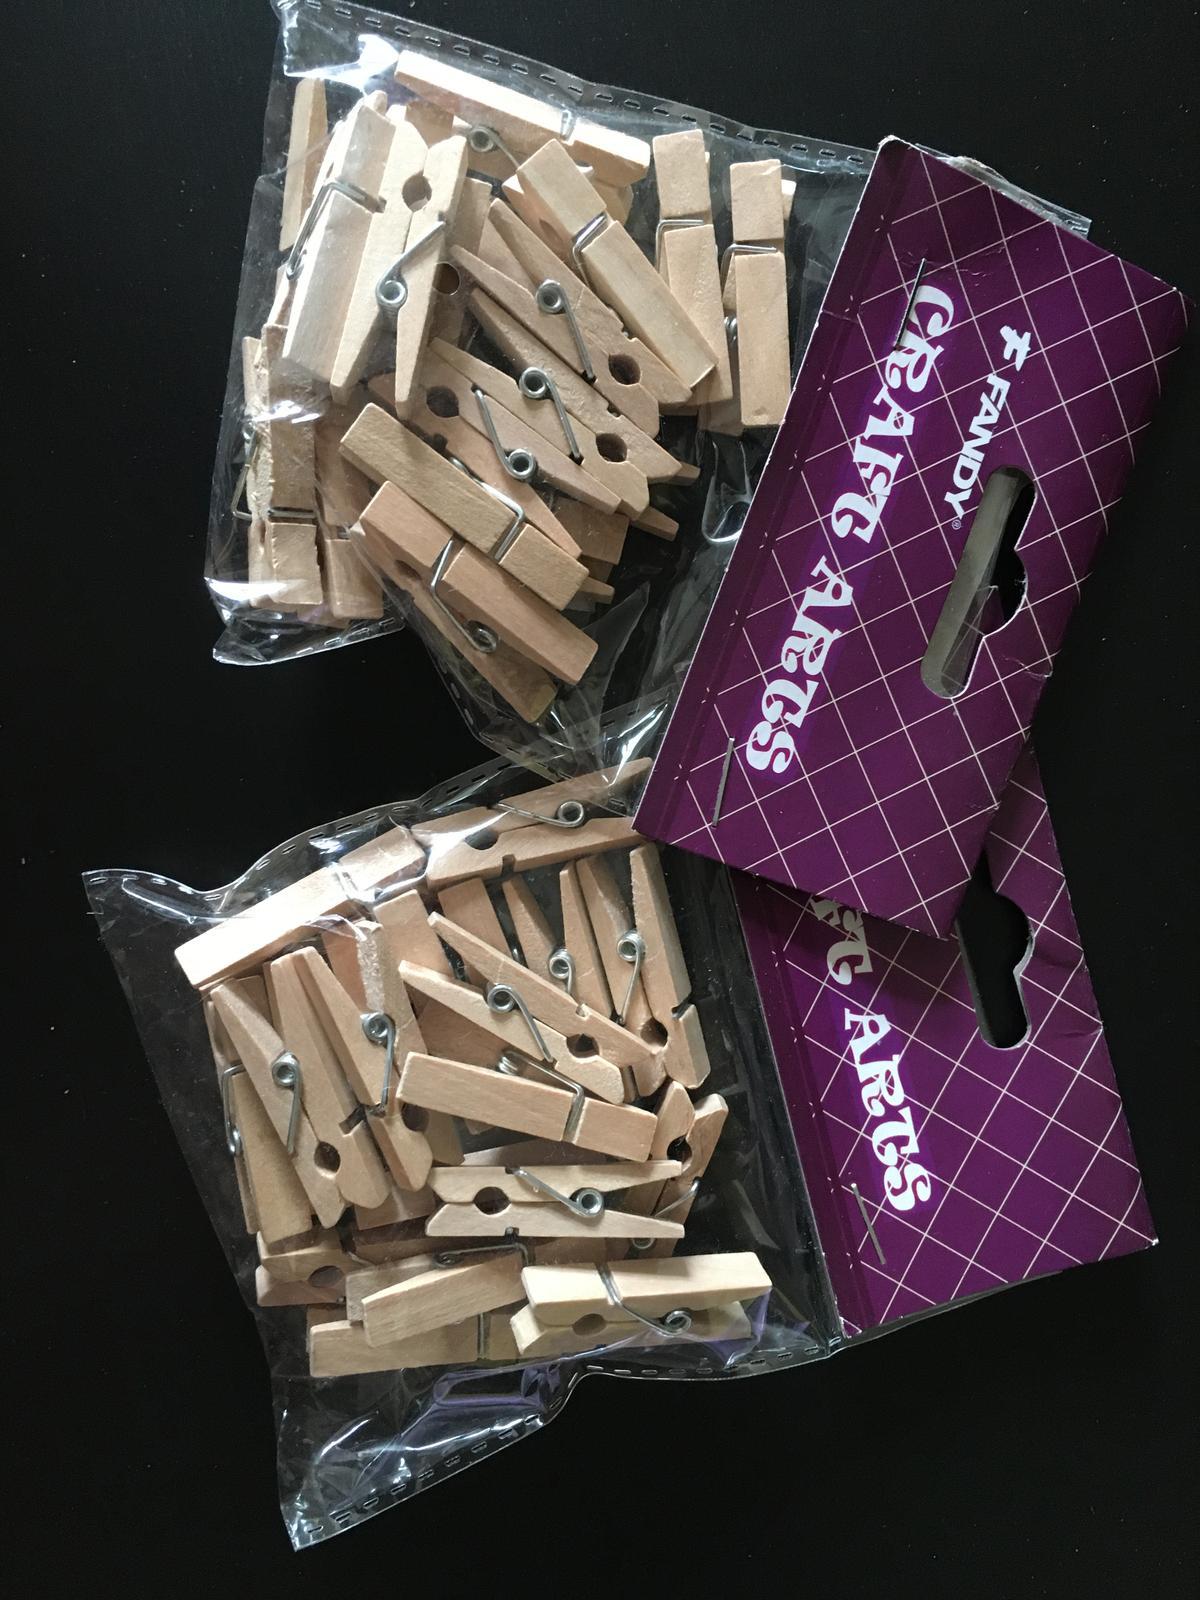 Kolíčky dekorační dřevěné 20 ks NOVÉ - Obrázek č. 1